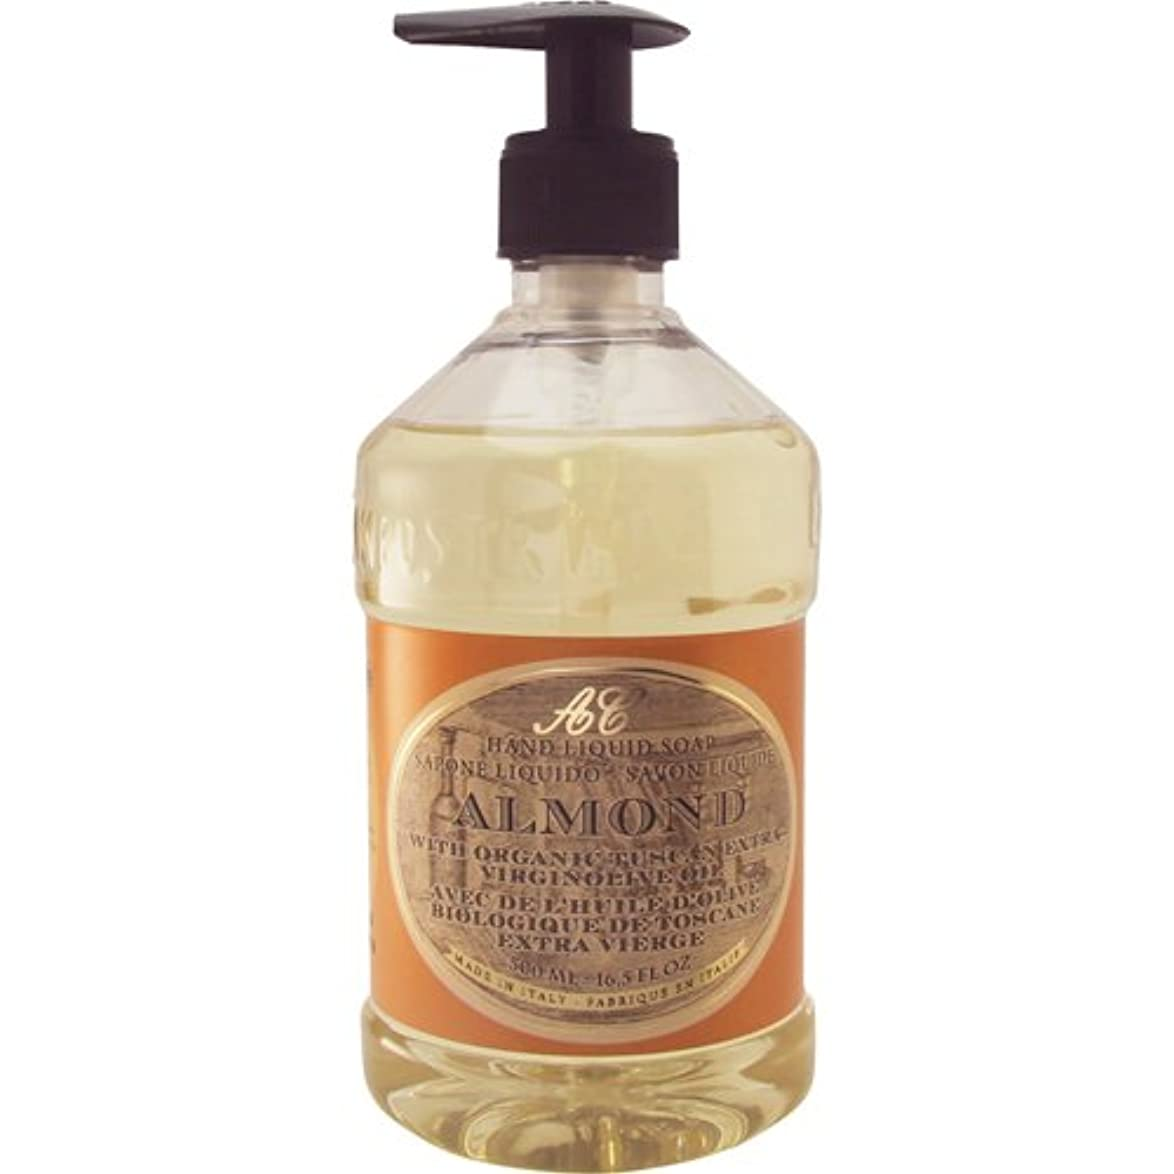 フローお尻クラシックSaponerire Fissi レトロシリーズ Liquid Soap リキッドソープ 500ml Almond アーモンドオイル